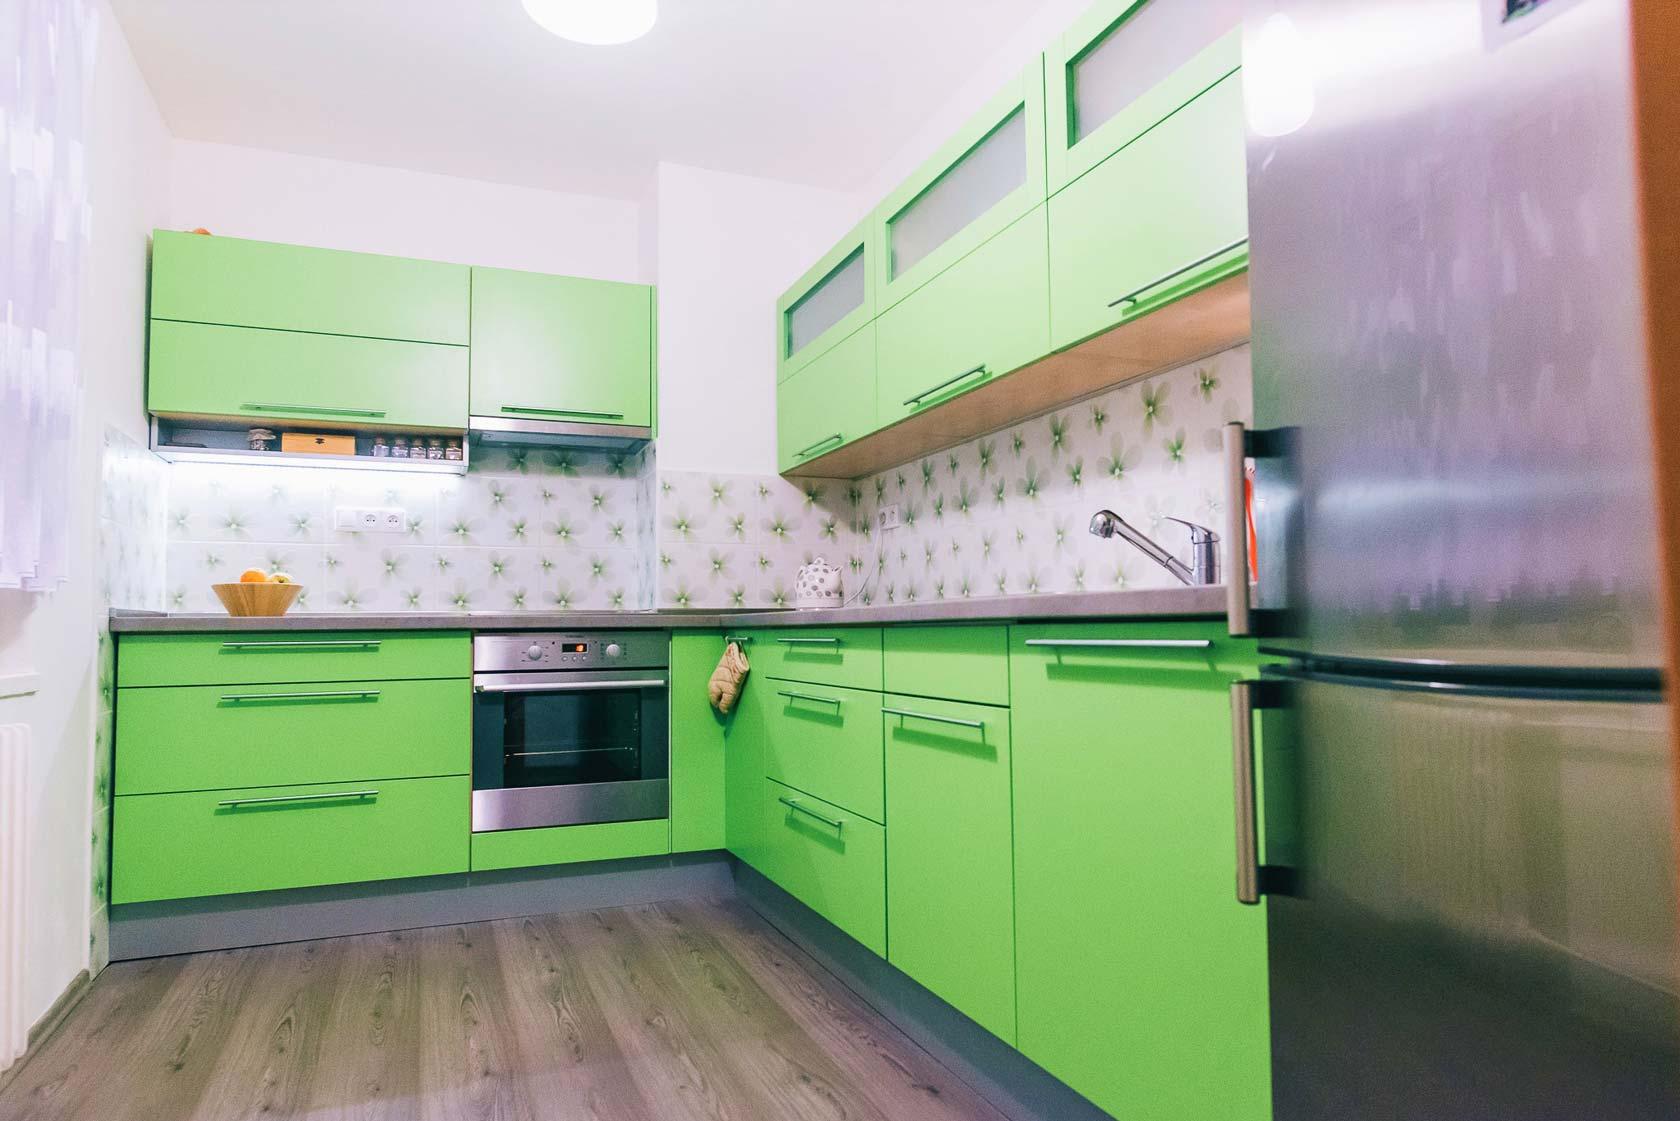 Svieža zelená kuchyňa